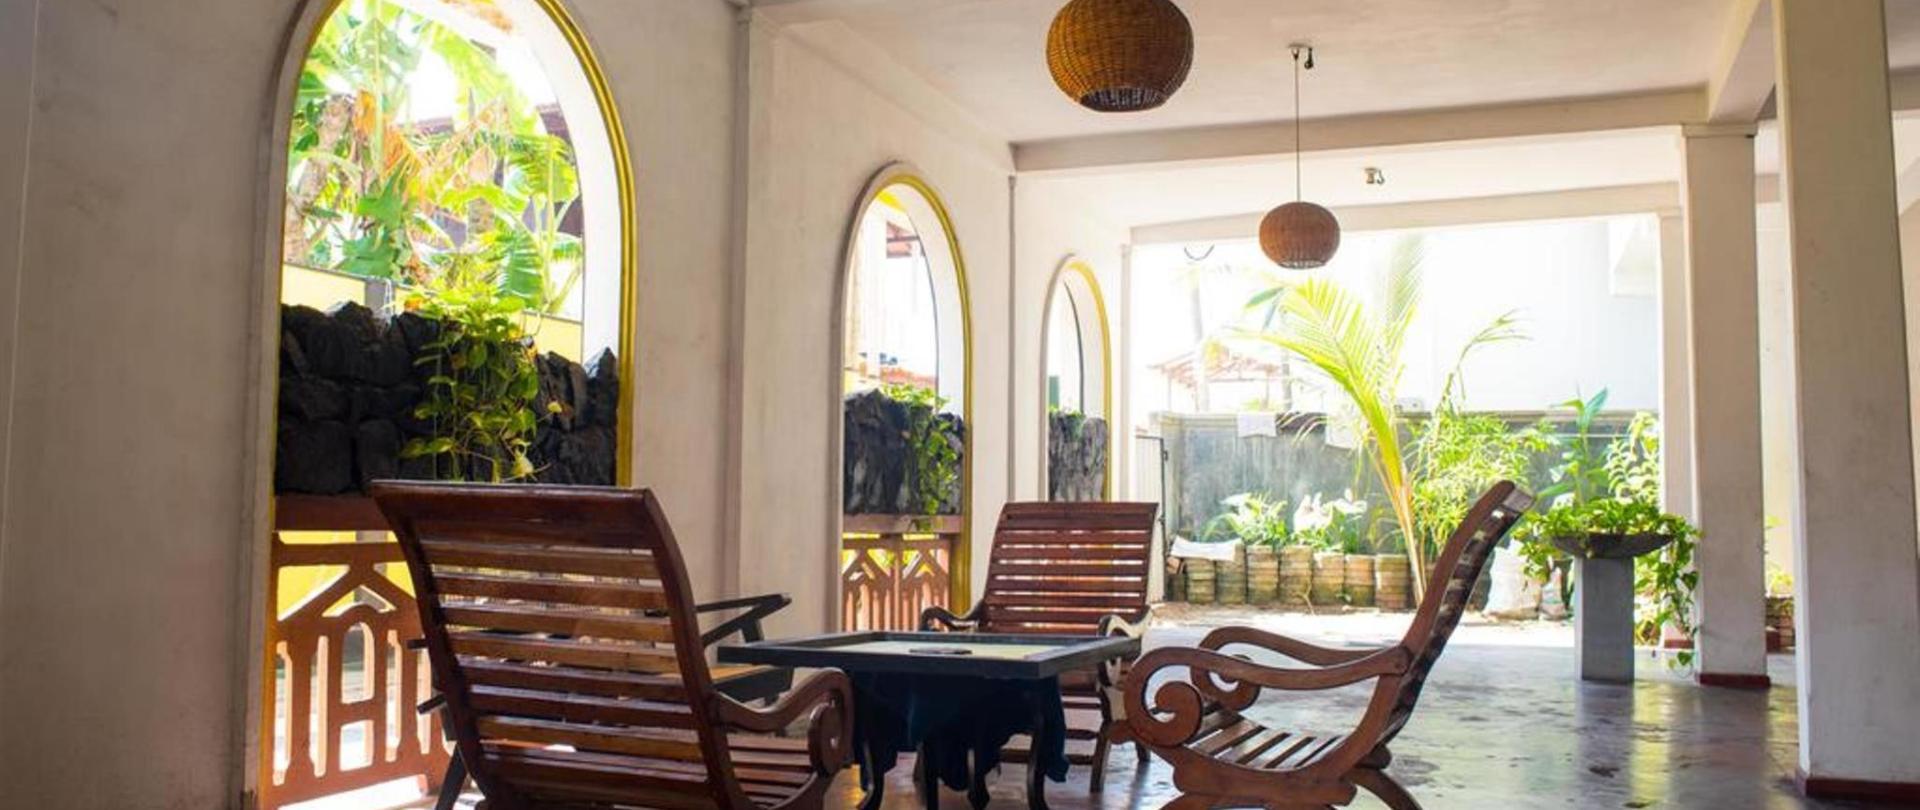 Casalanka Restaurace Hikkaduwa.jpg